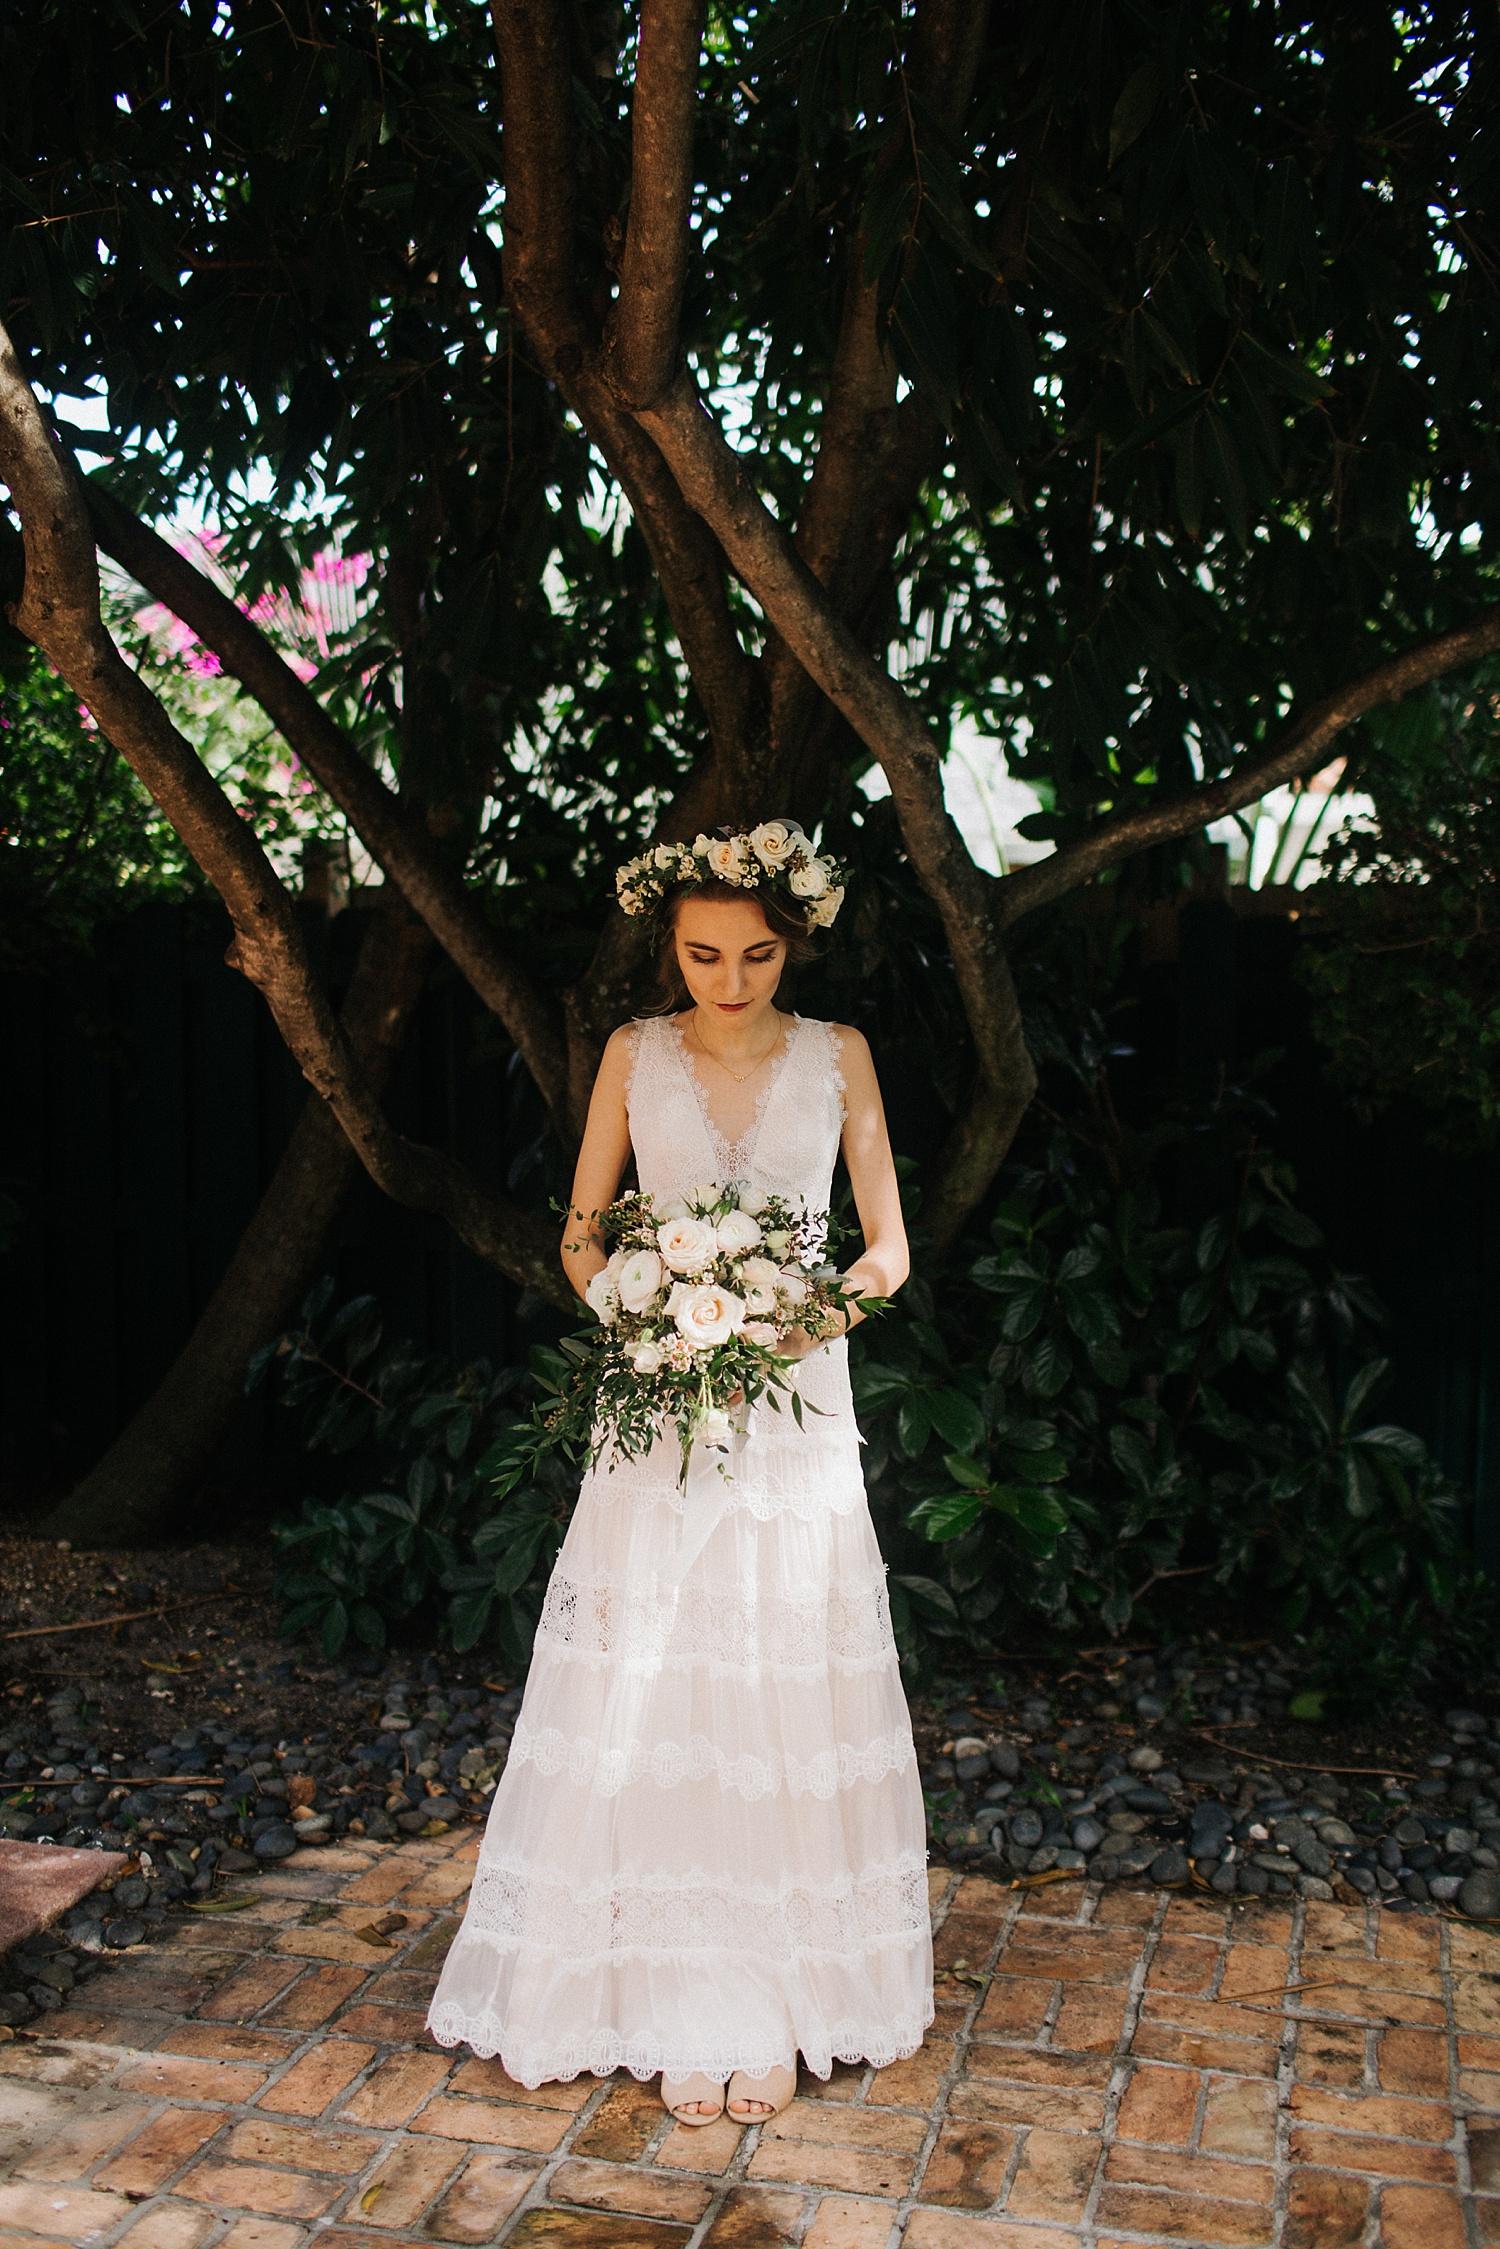 Peter + Kareena Rineer Downtown West Palm Beach December Wedding 2018_0013.jpg